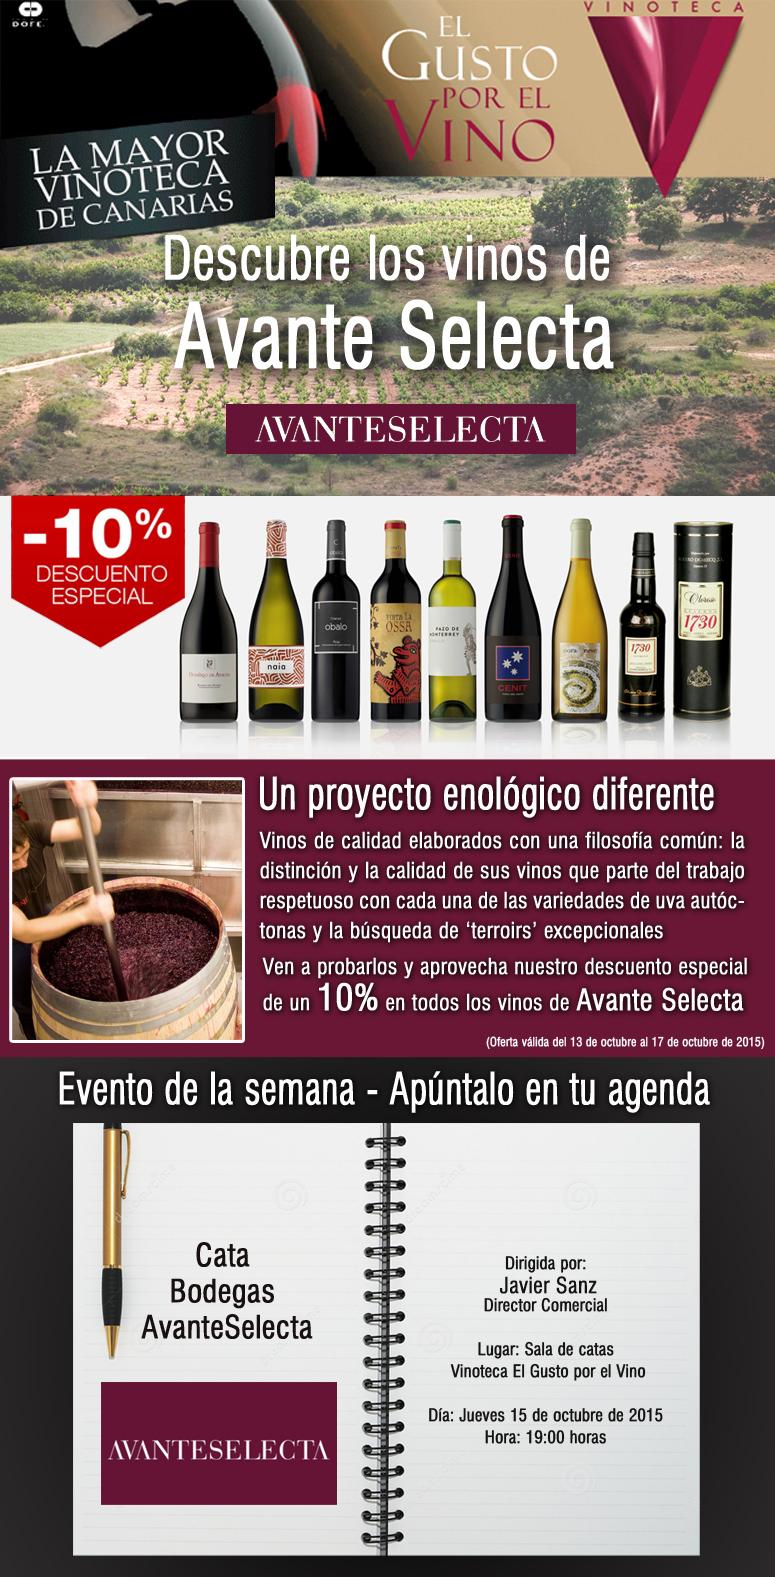 Cata de Avanteselecta en la vinoteca El Gusto por el Vino (15 Octubre)